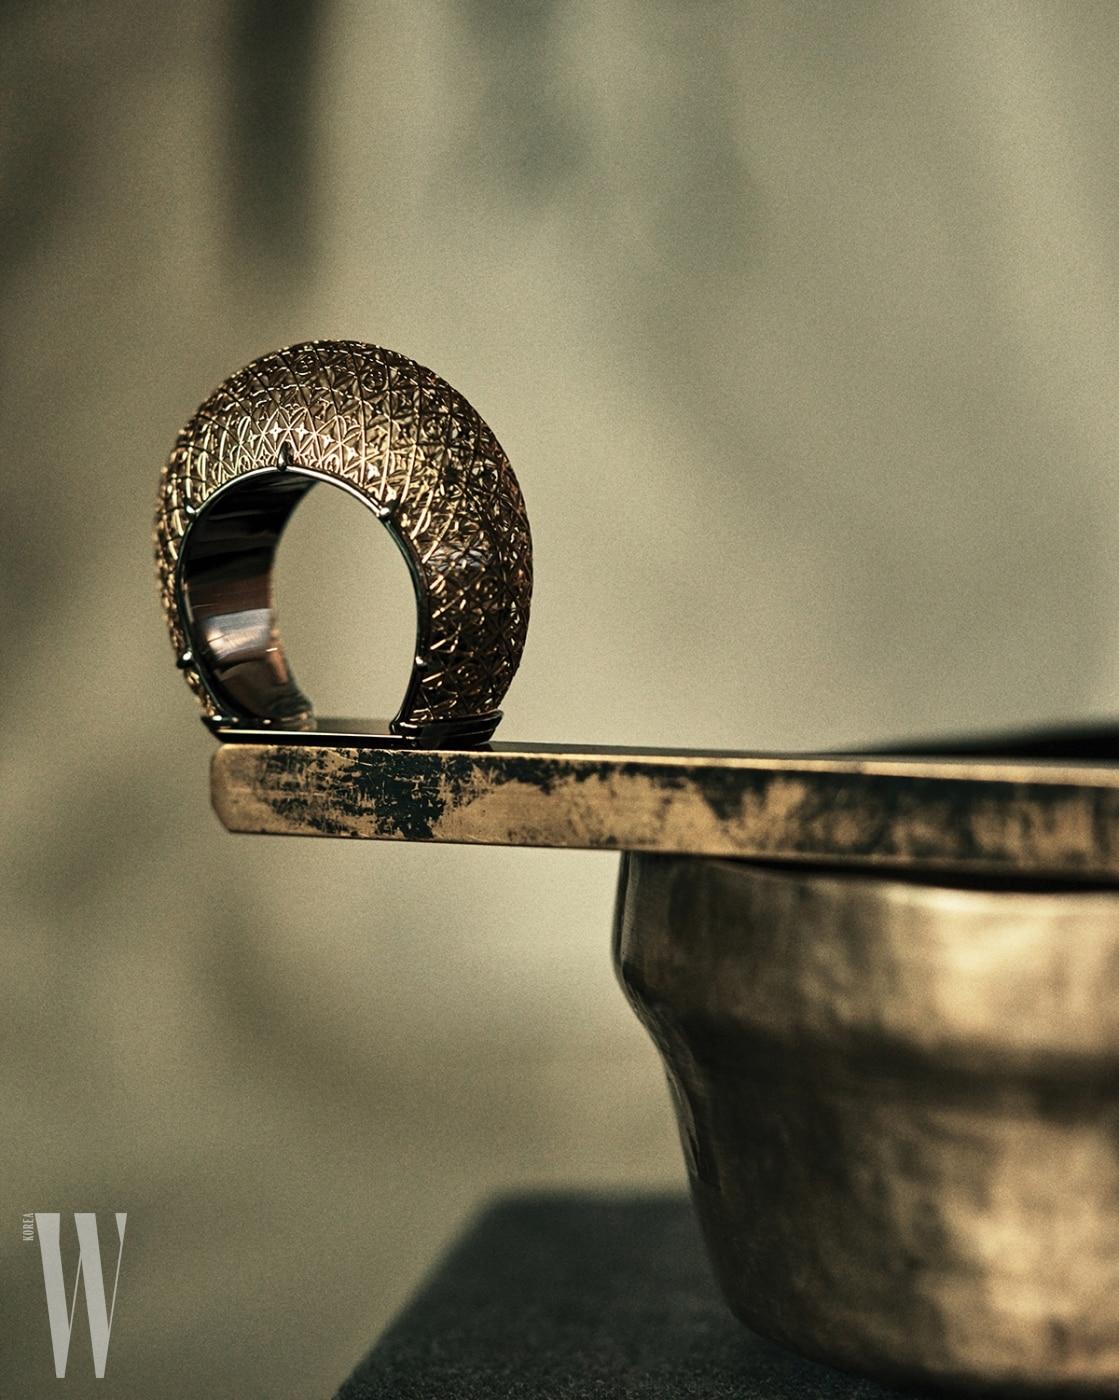 모노그램 패턴이 촘촘히 음각 장식된 뱅글은 루이 비통 제품. 가격 미정.